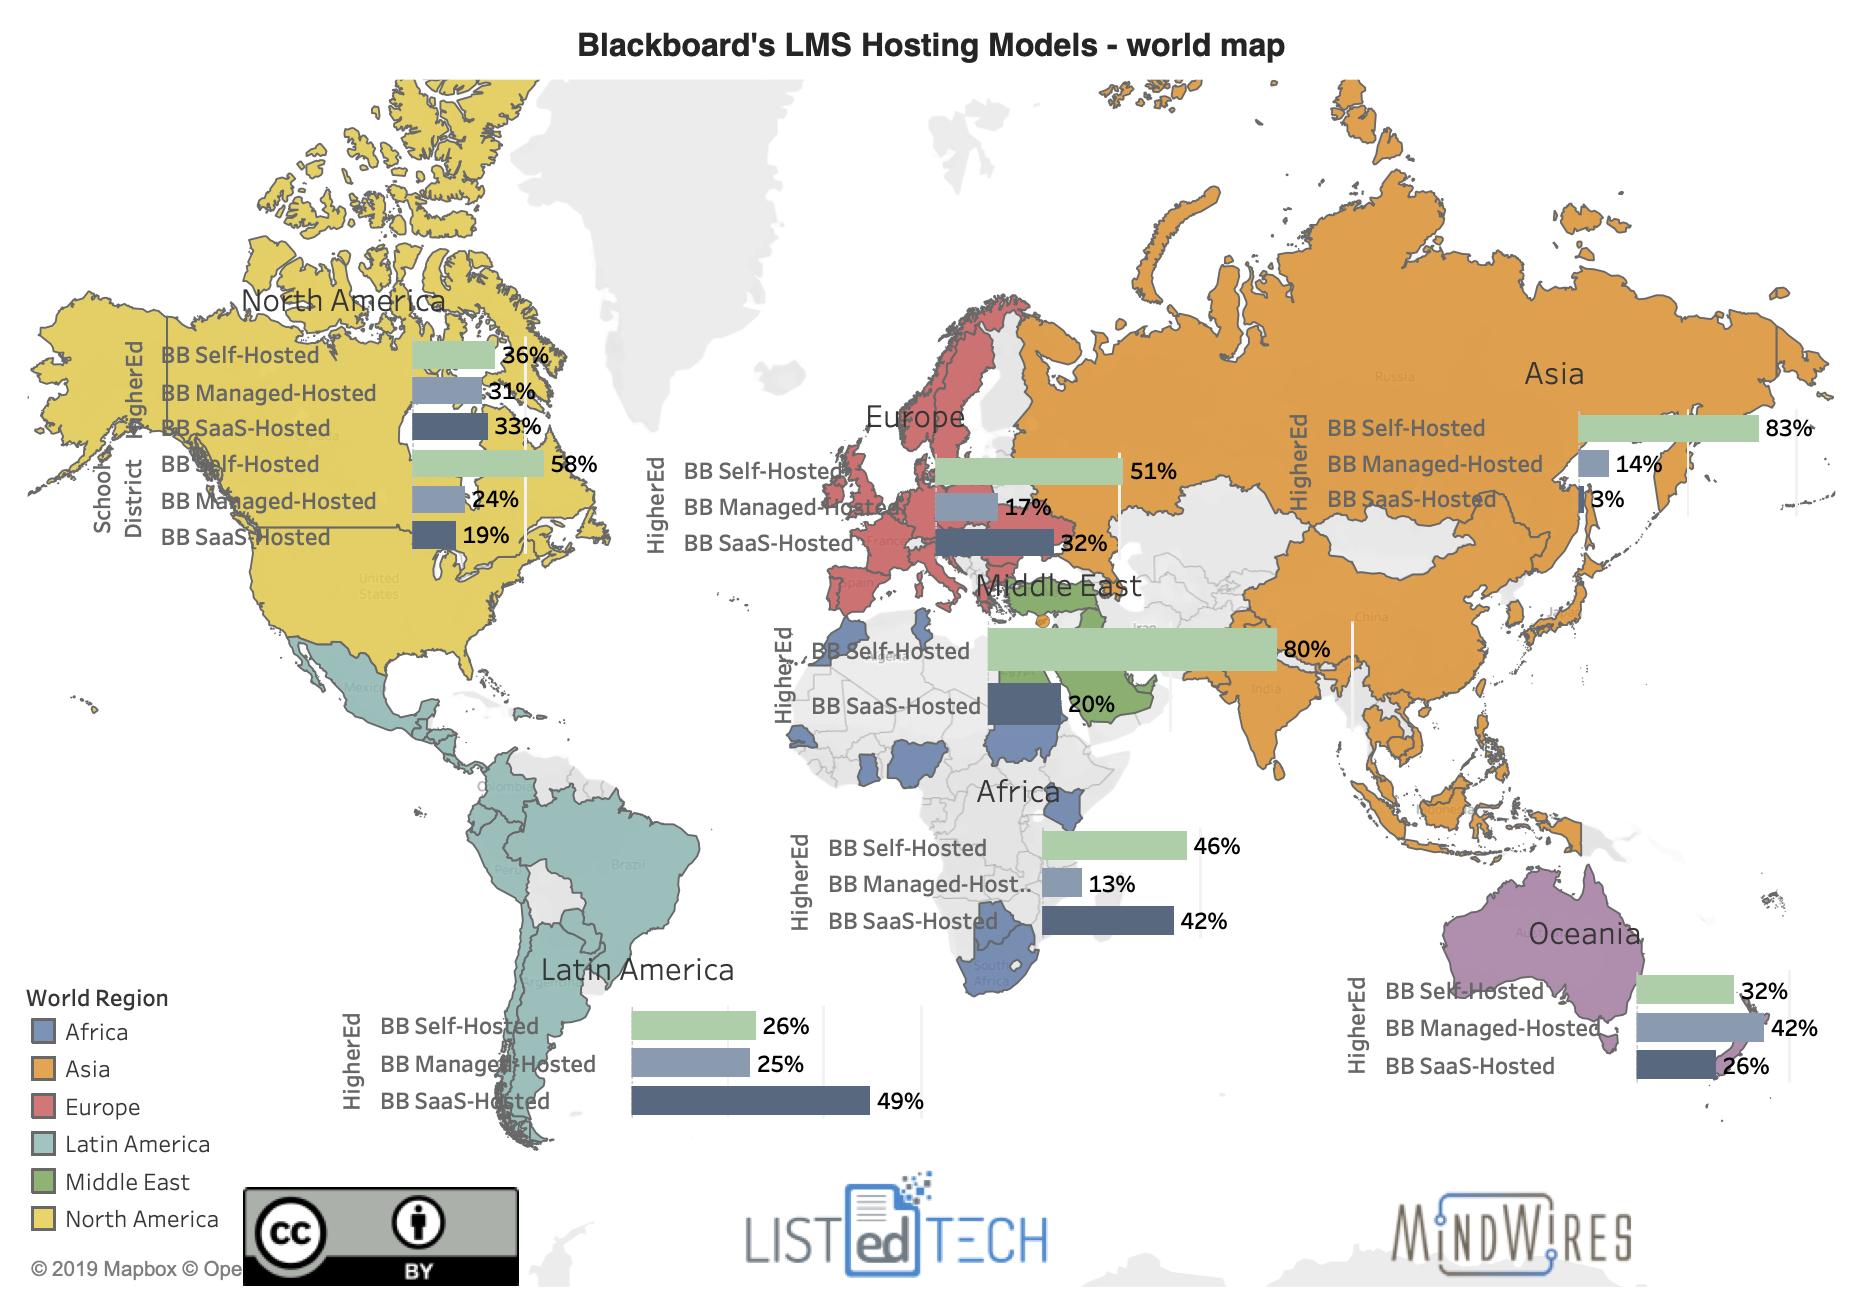 Blackboard's LMS Hosting Models - LisTedTECH